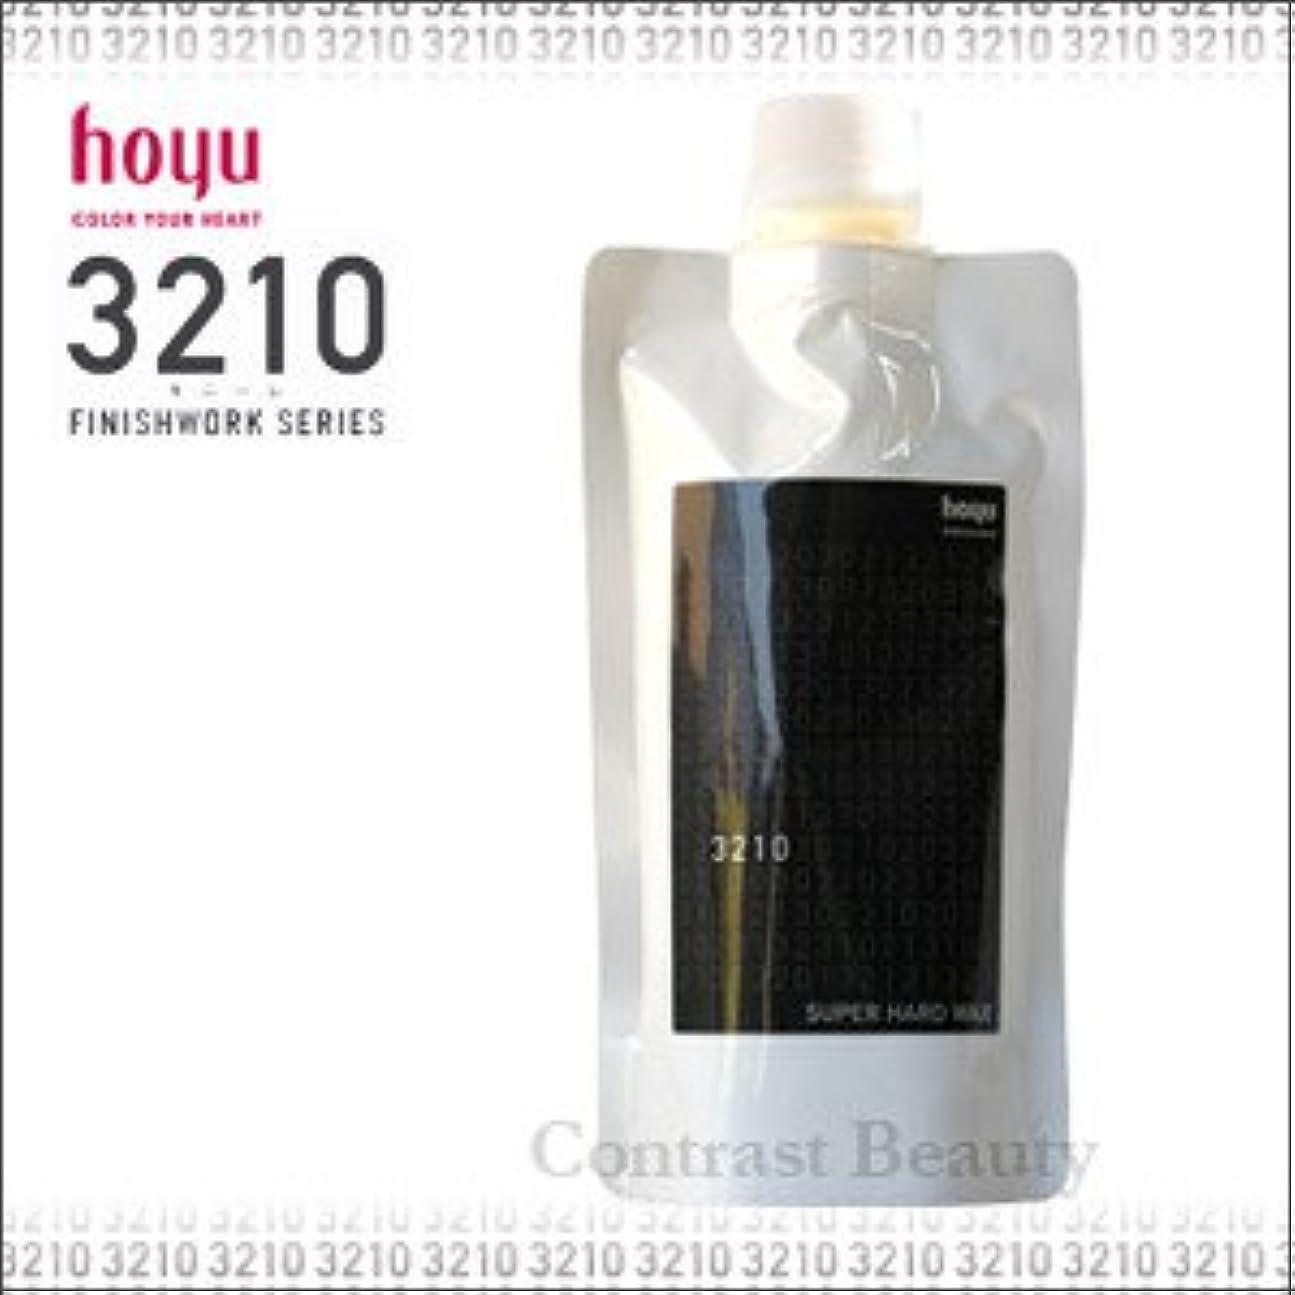 憂鬱服を洗うまつげ【X2個セット】 ホーユー ミニーレ スーパーハードワックス 200g 詰替え用